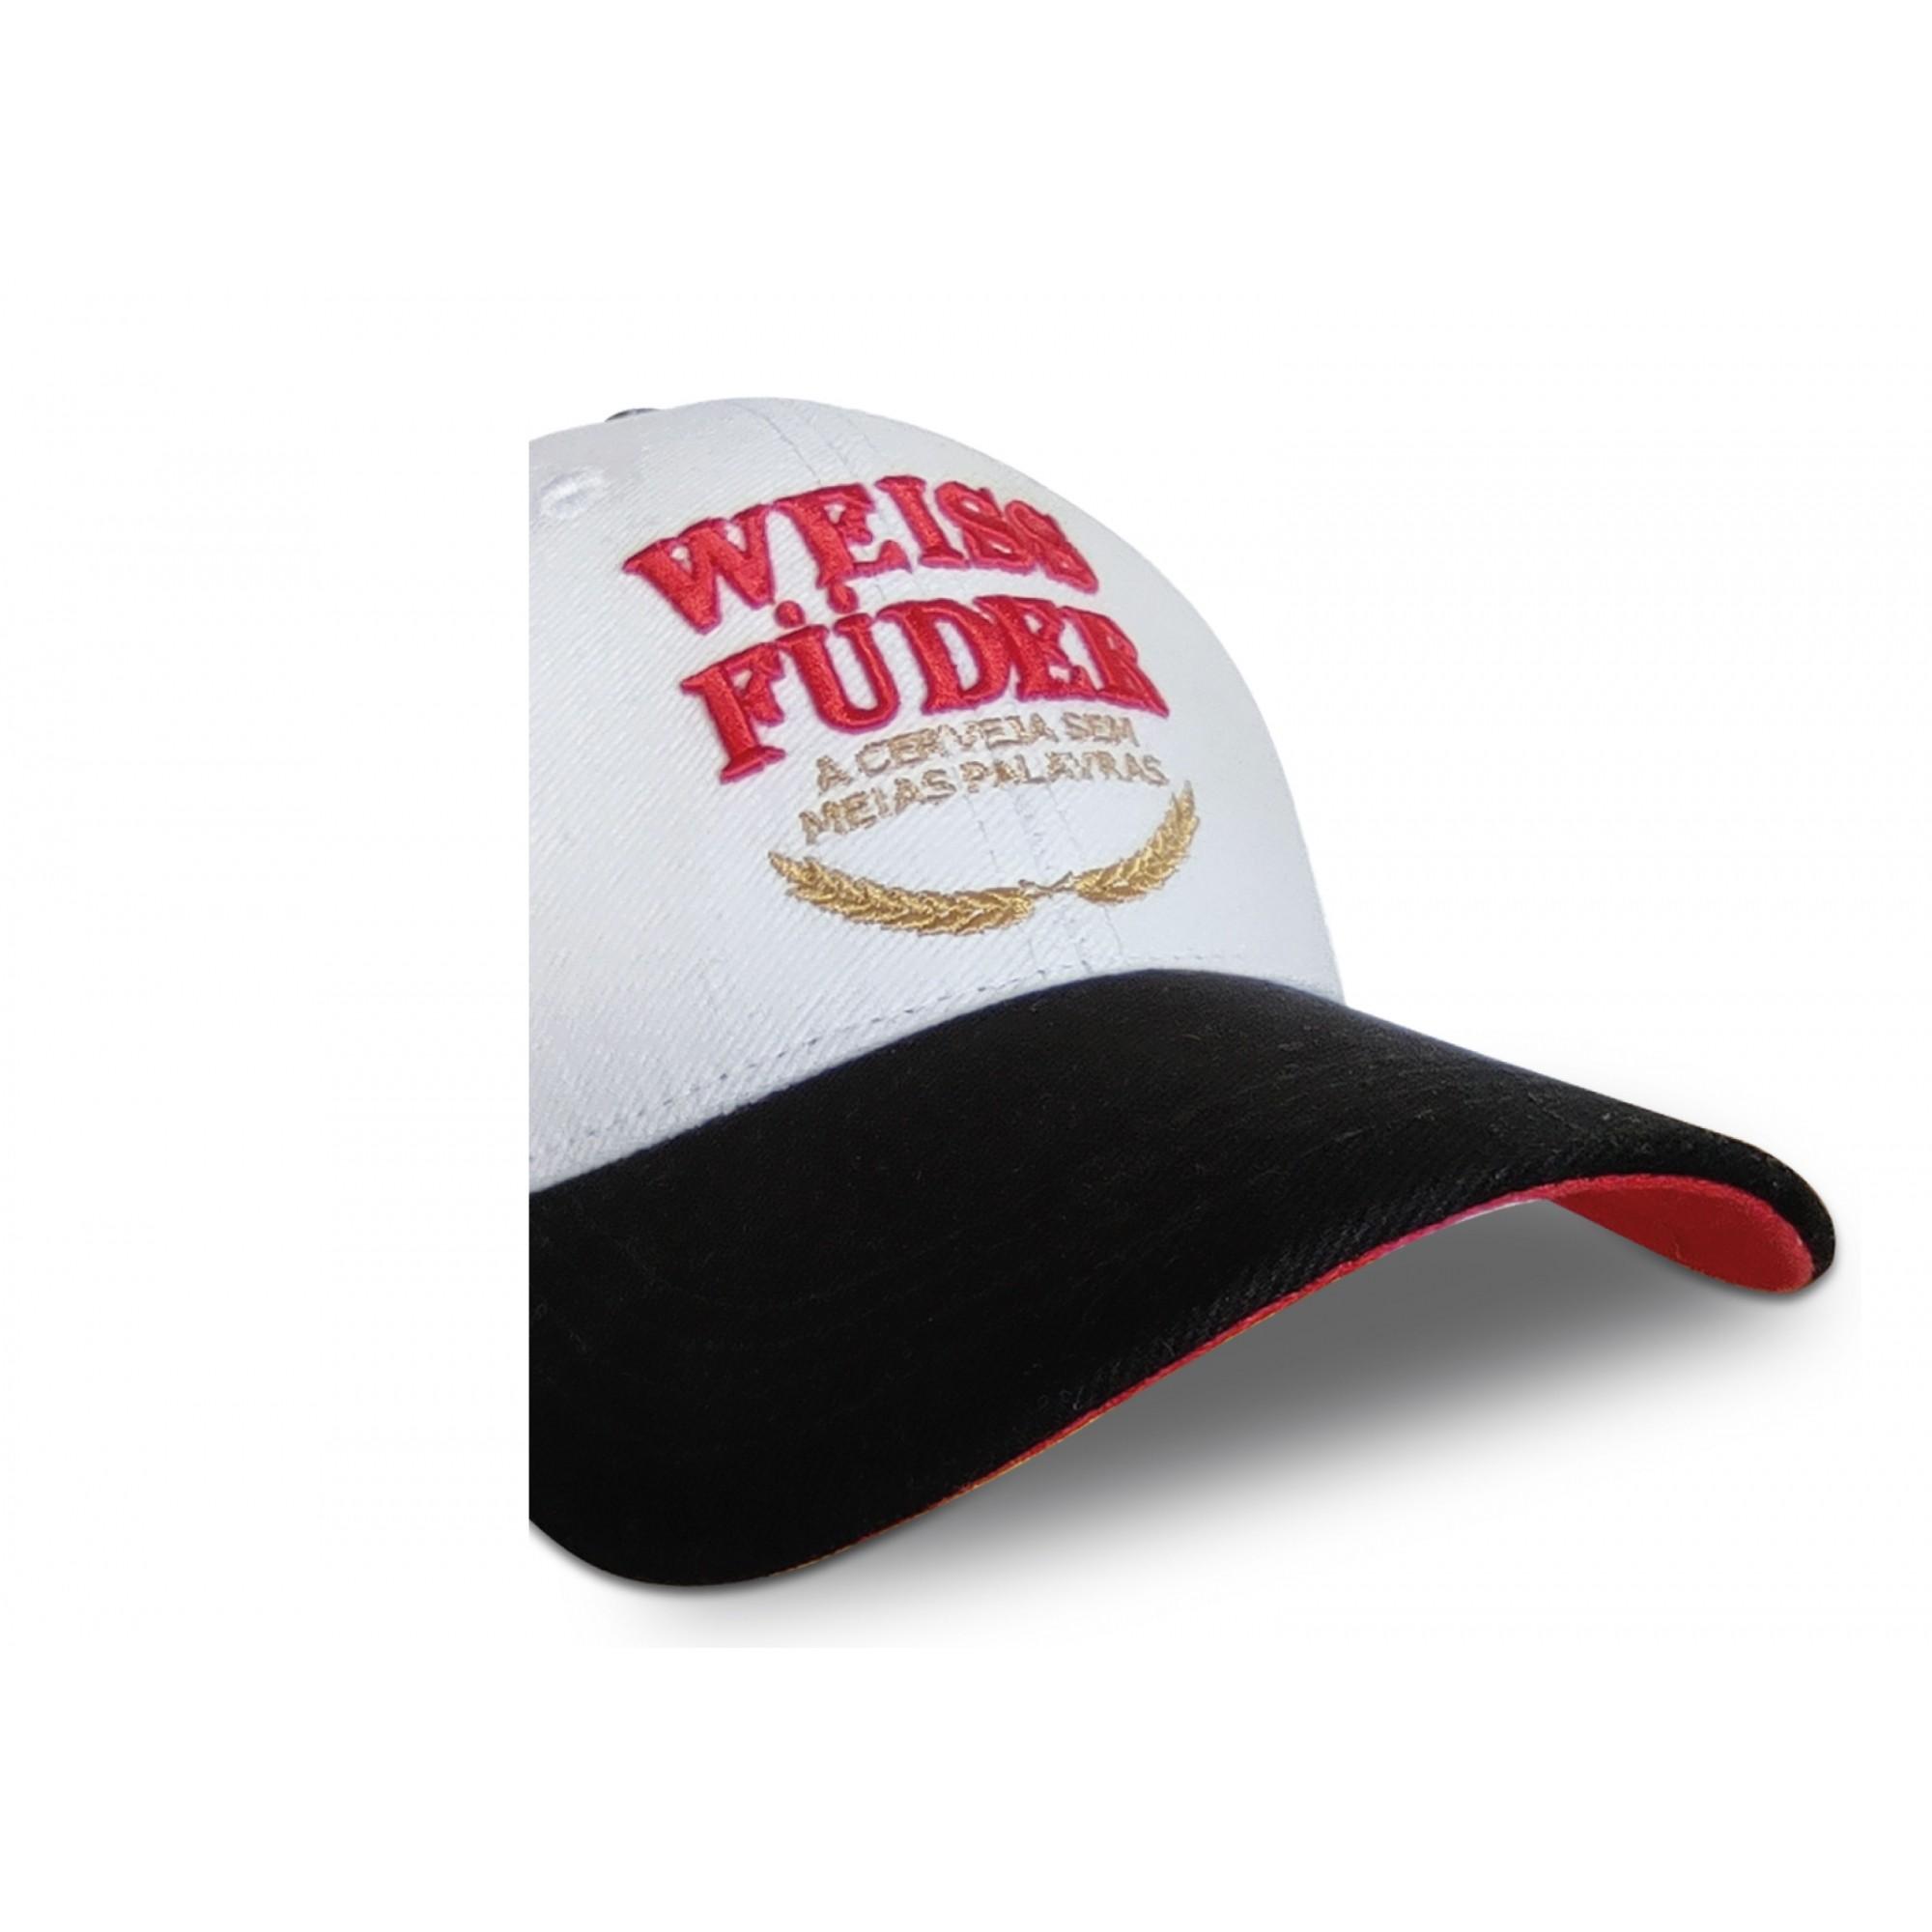 Boné  branco cerveja Weiss Füder